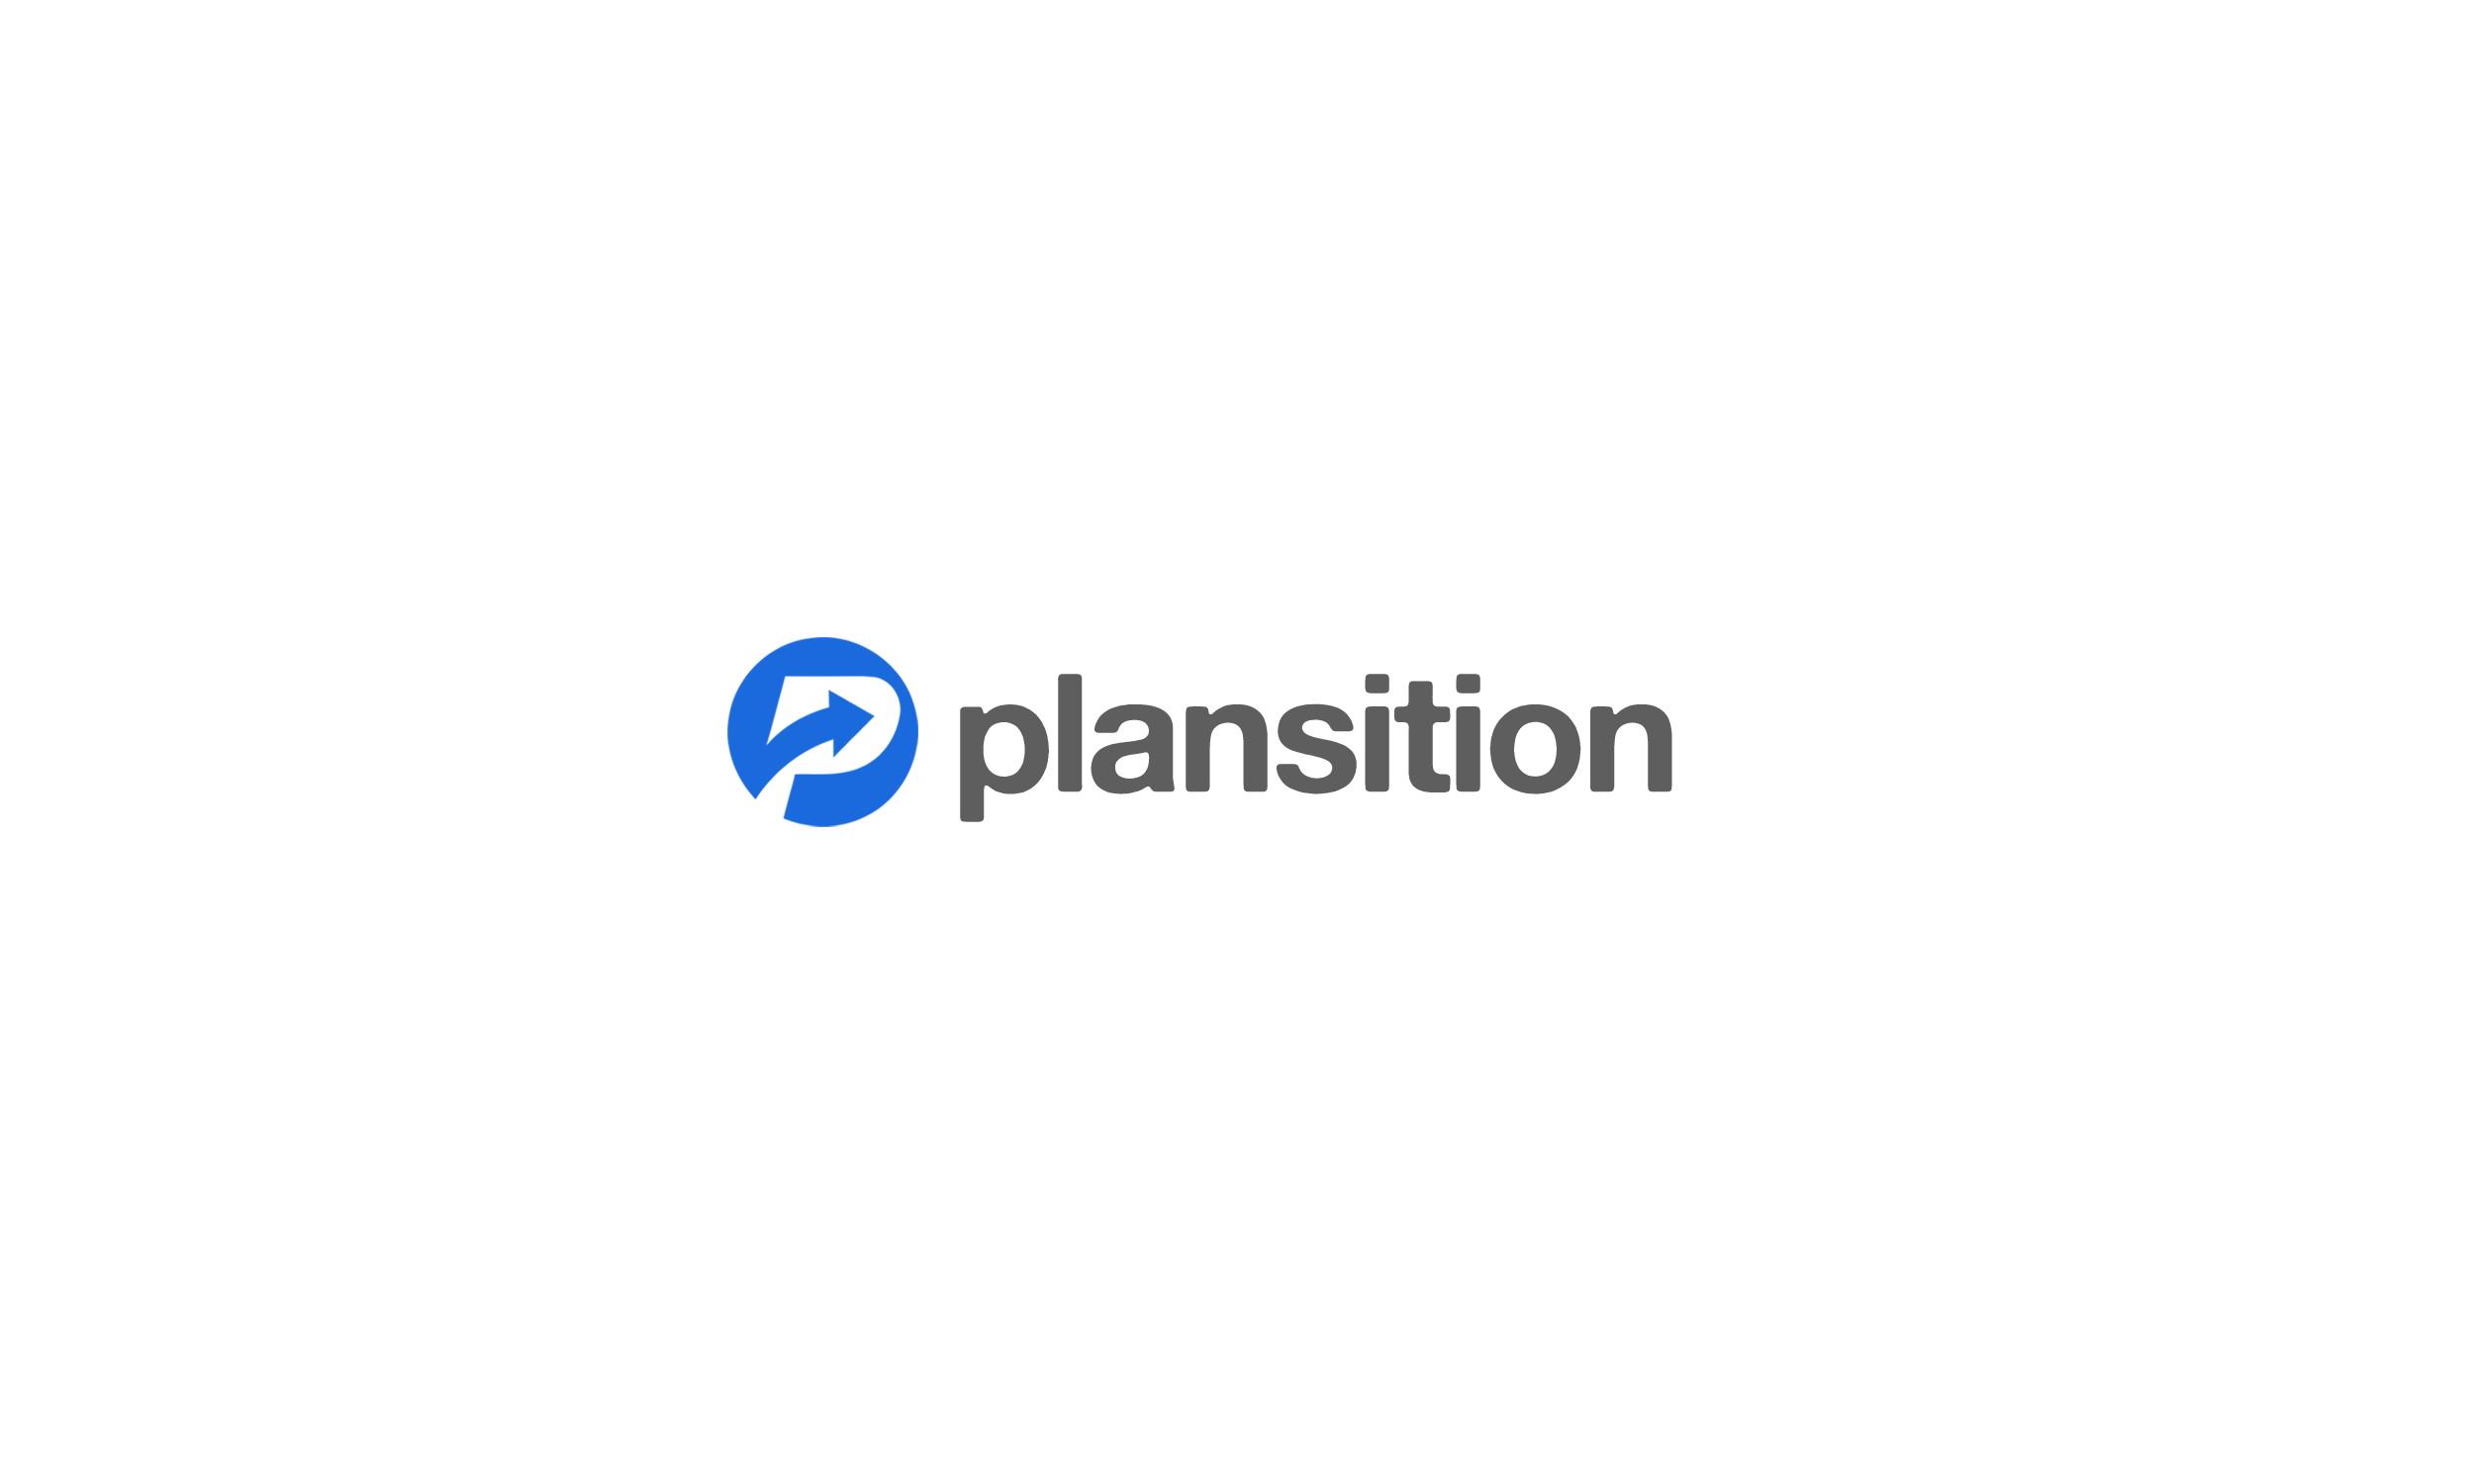 Plansition